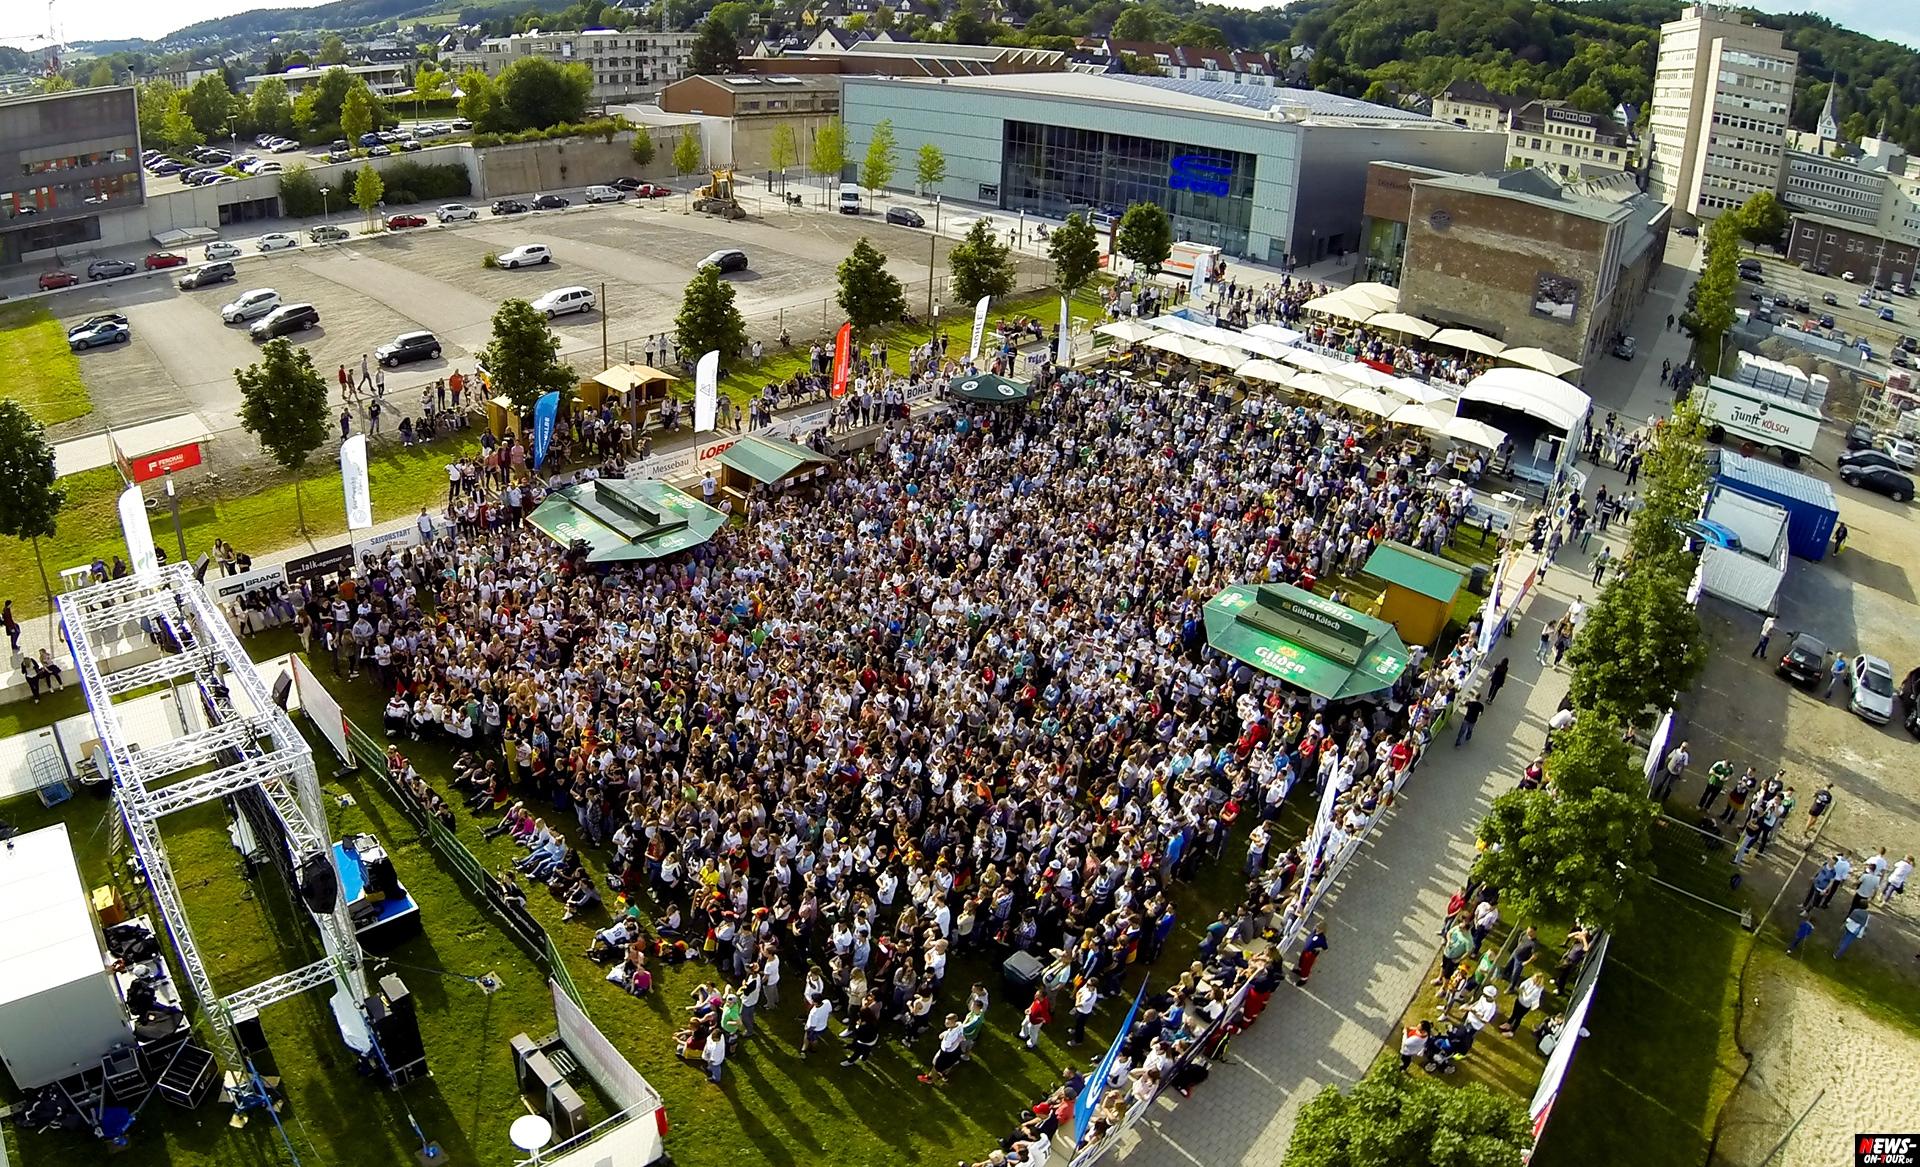 Public viewing gummersbach usa ger mit videos news on - Stadtgarten hamburg ...